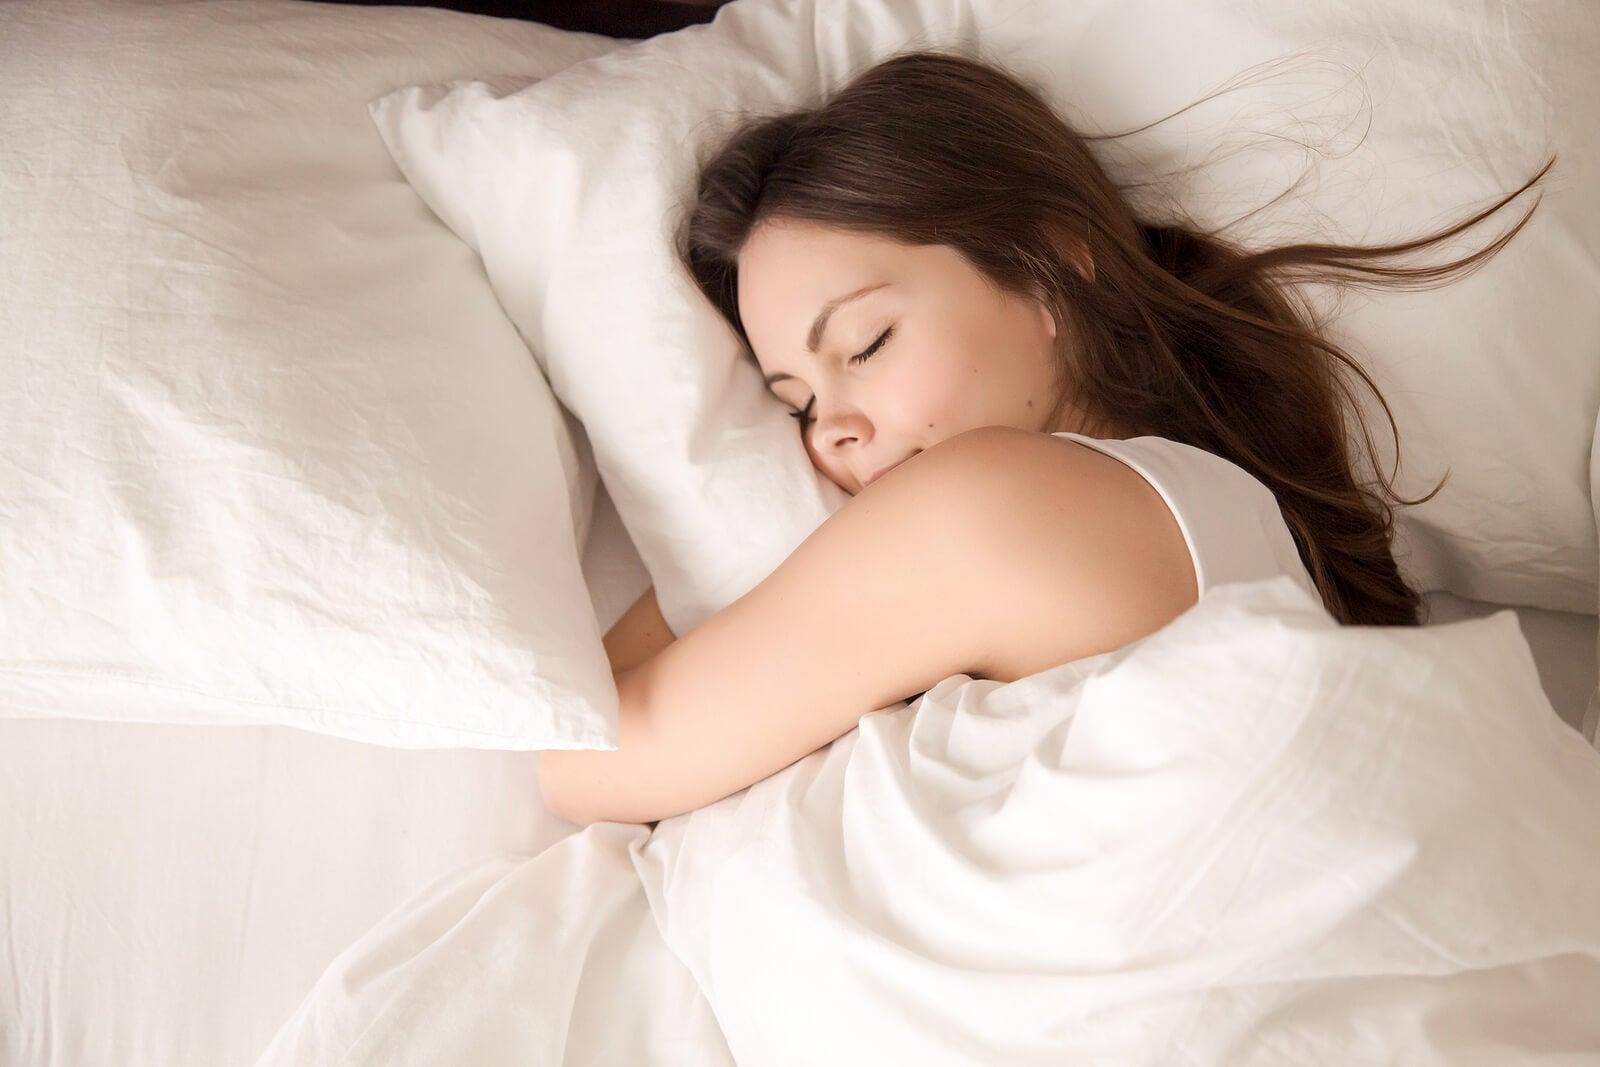 Mujer durmiendo de lado abrazada a la almohada